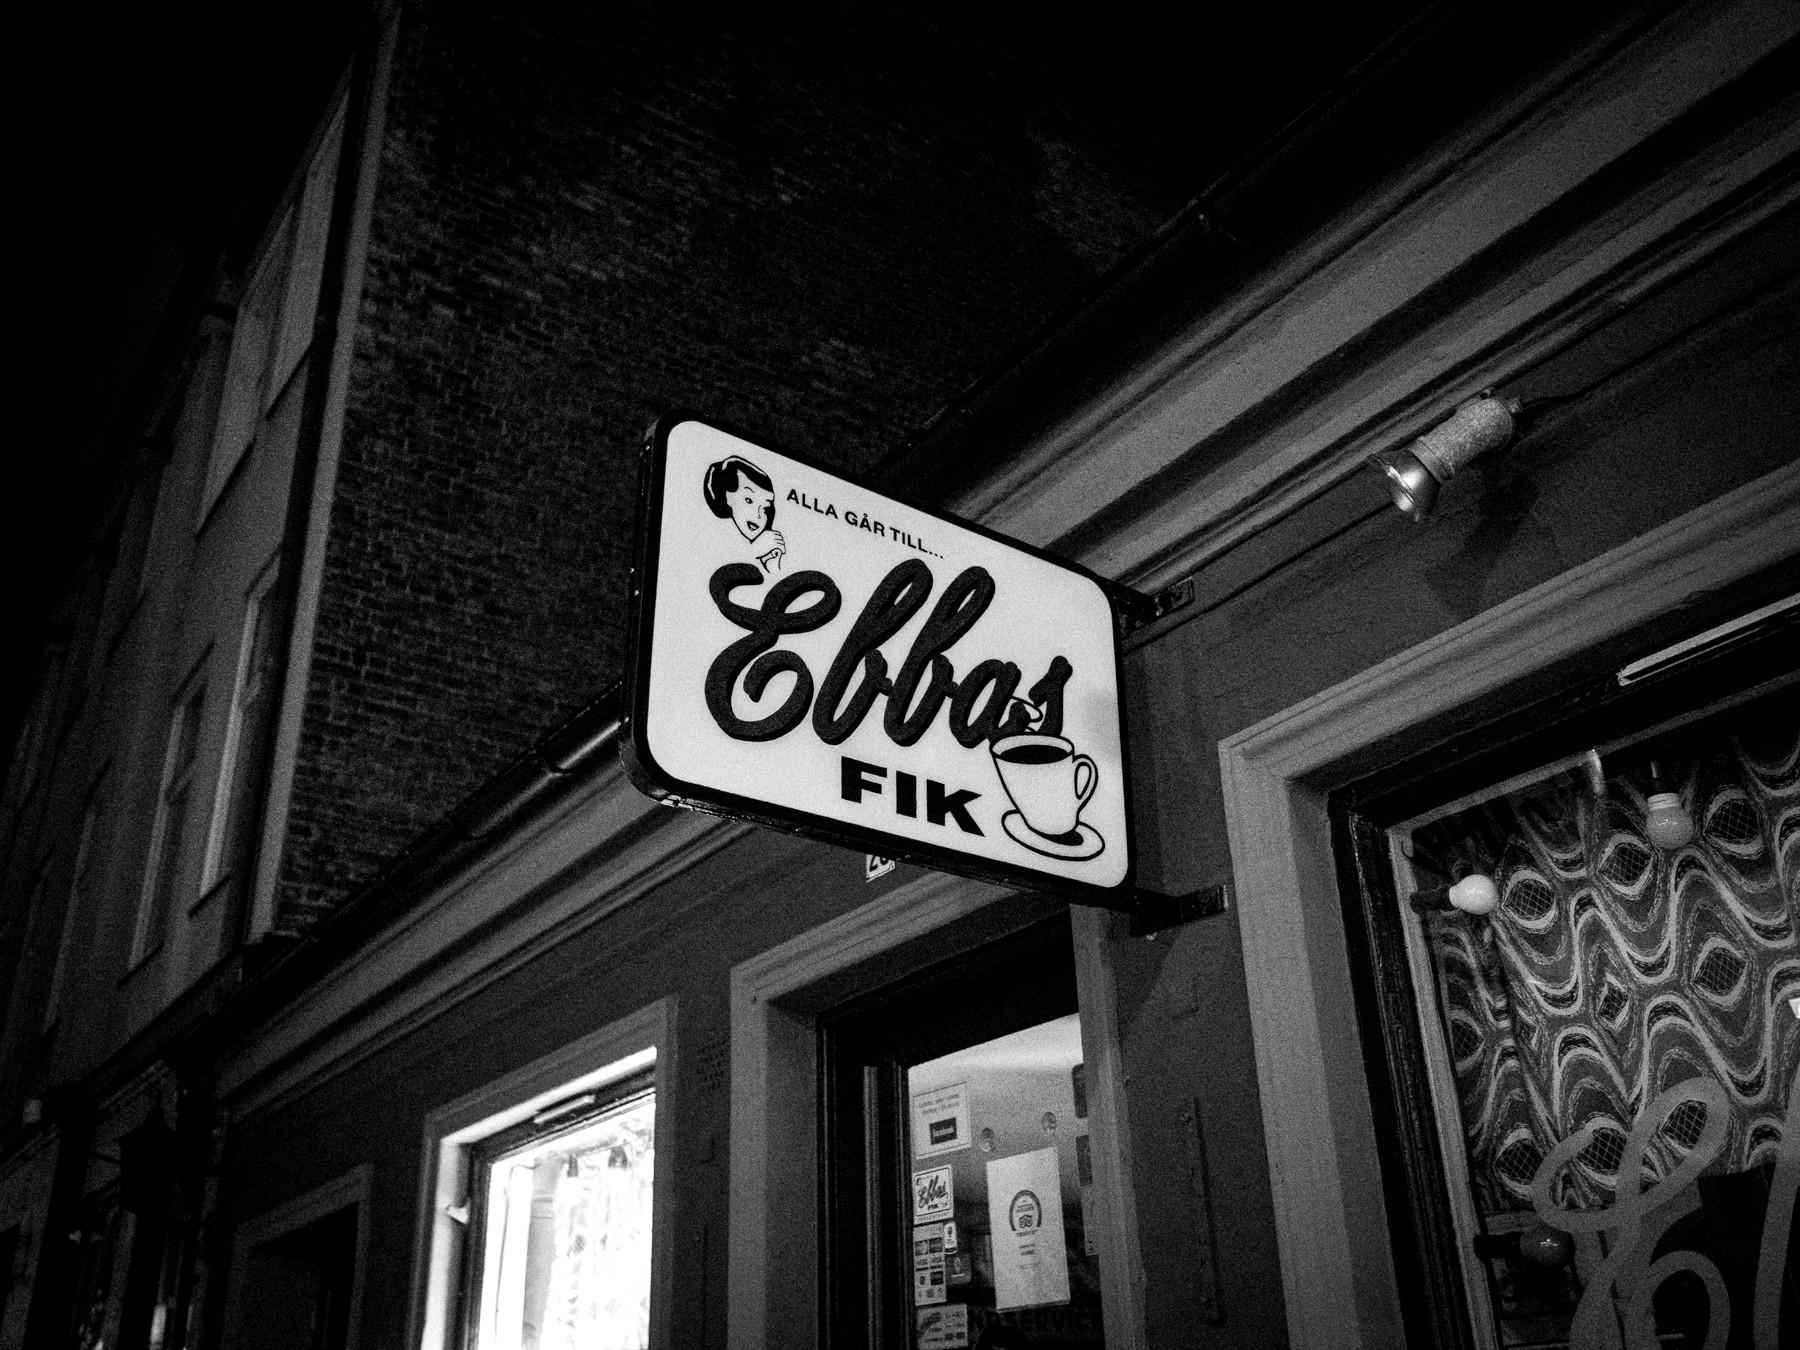 Ebbas Fik, Helsingborg